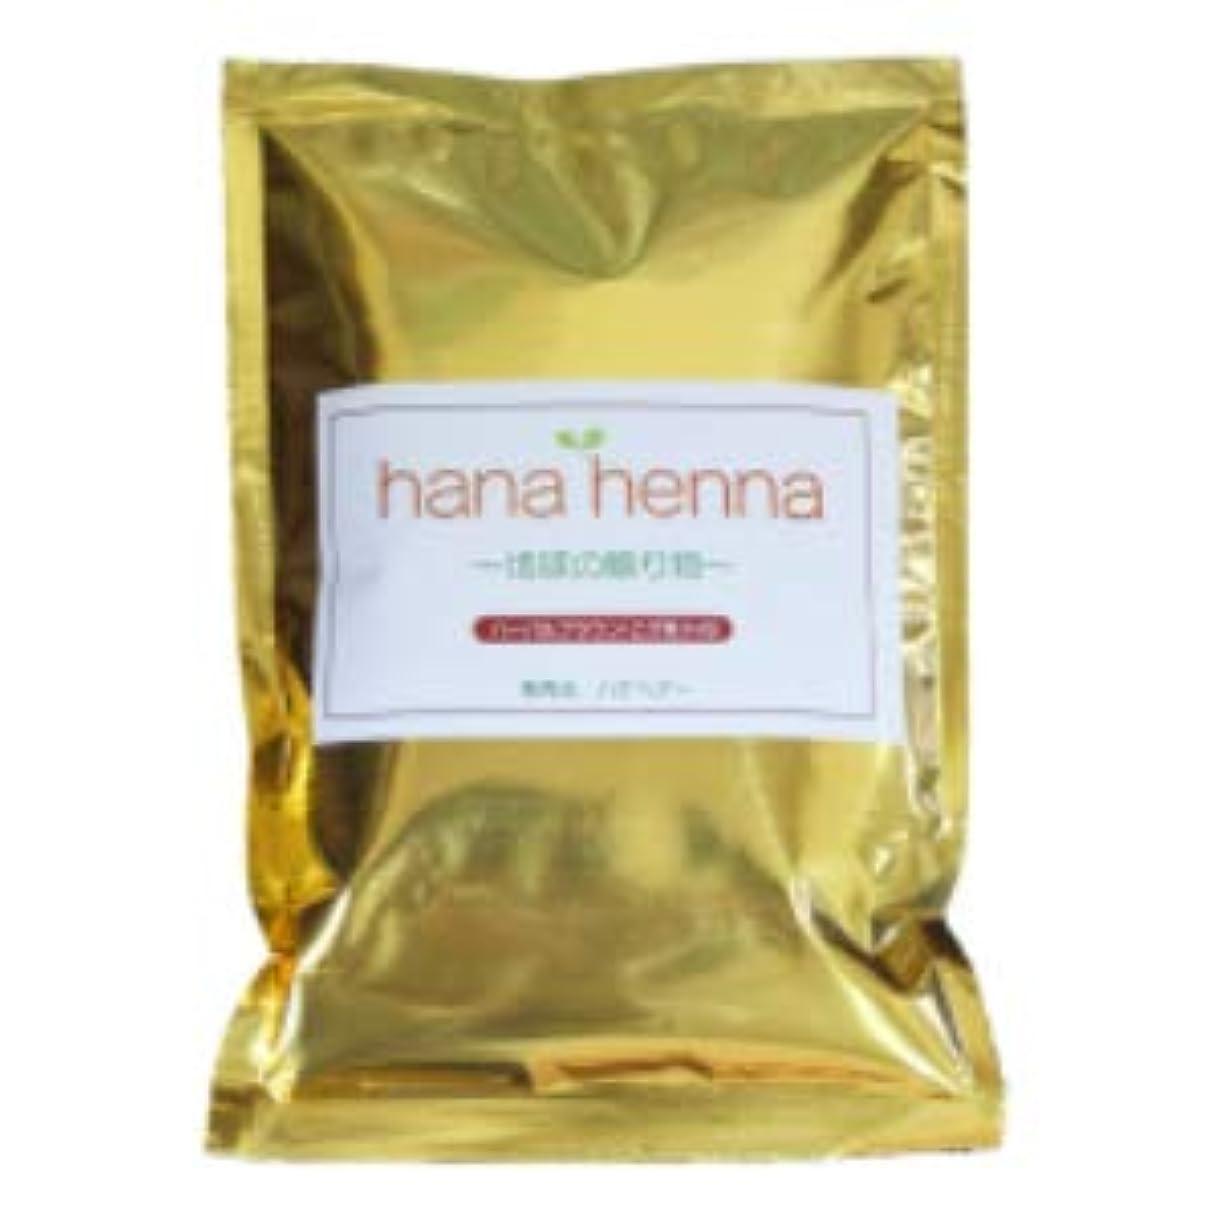 アベニュー天国下?hana henna?ハナヘナ ハーバルブラウン(こげ茶) (100g)